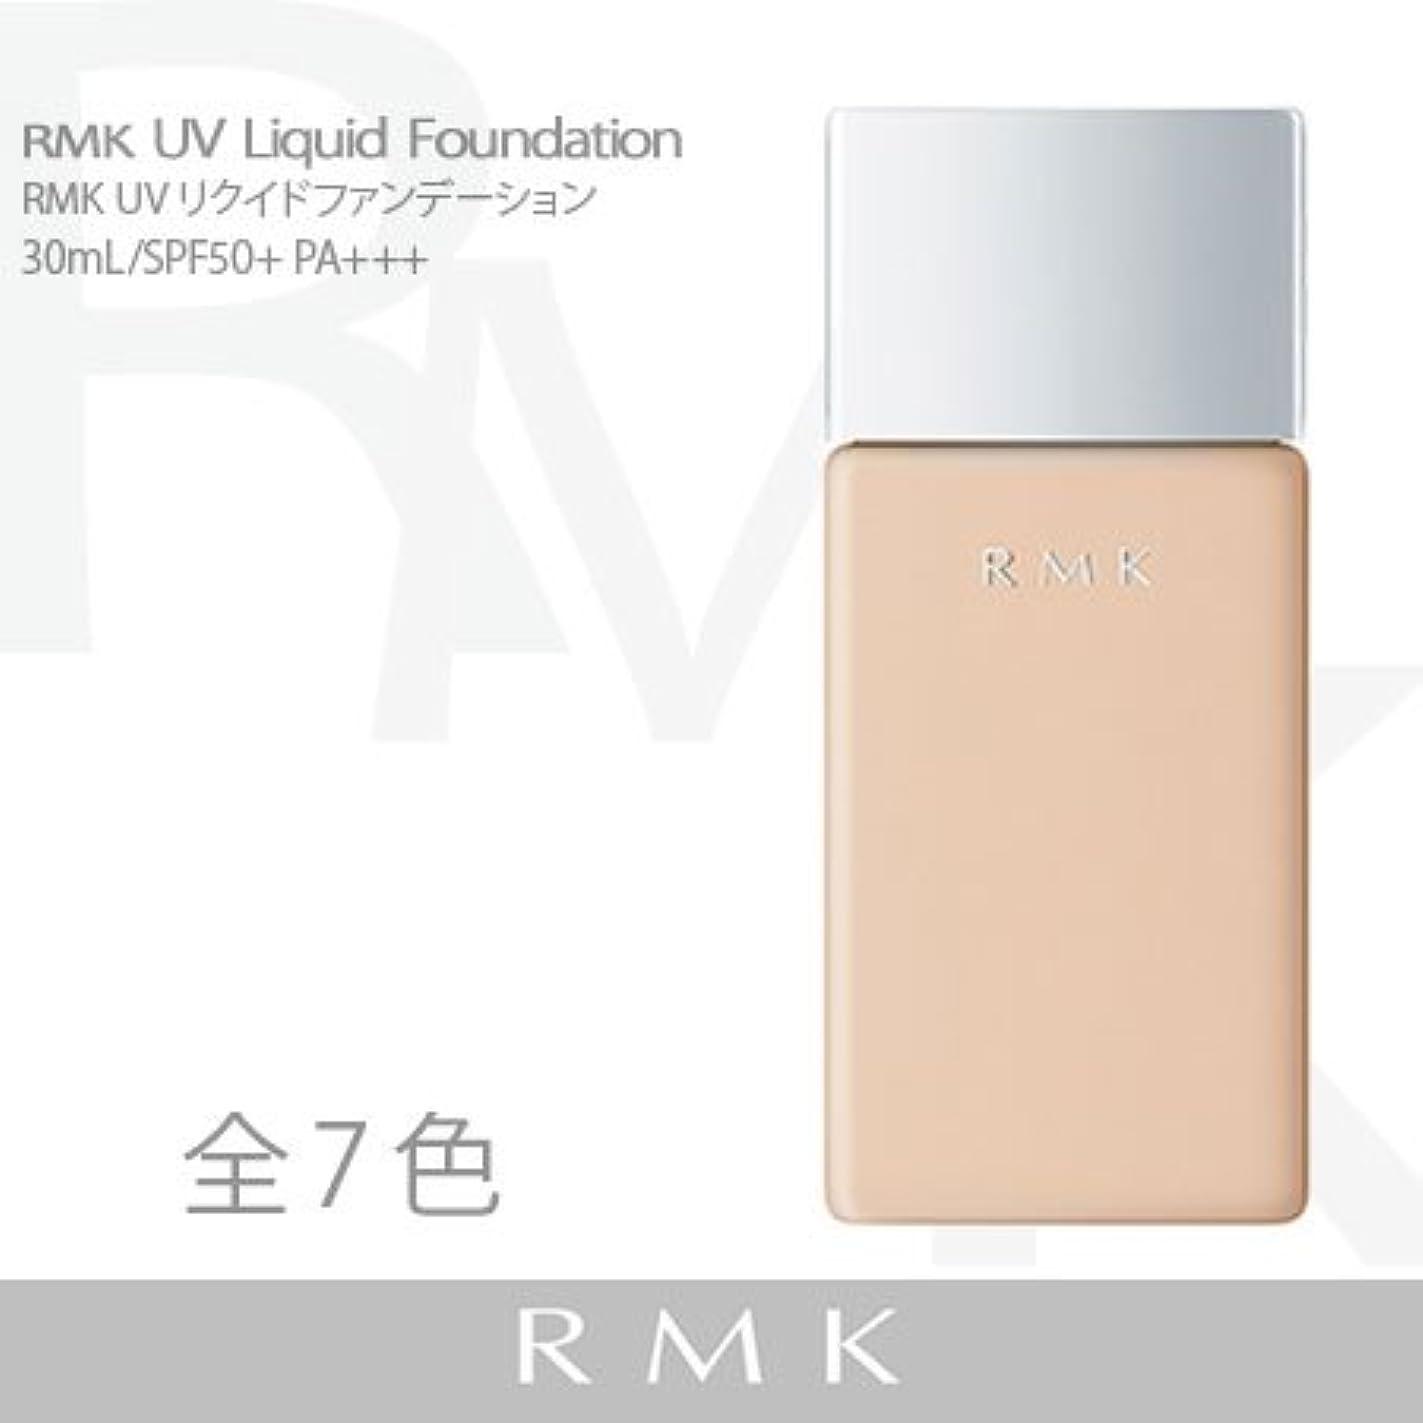 氷鏡消化【RMK (ルミコ)】UVリクイドファンデーション #202 30ml